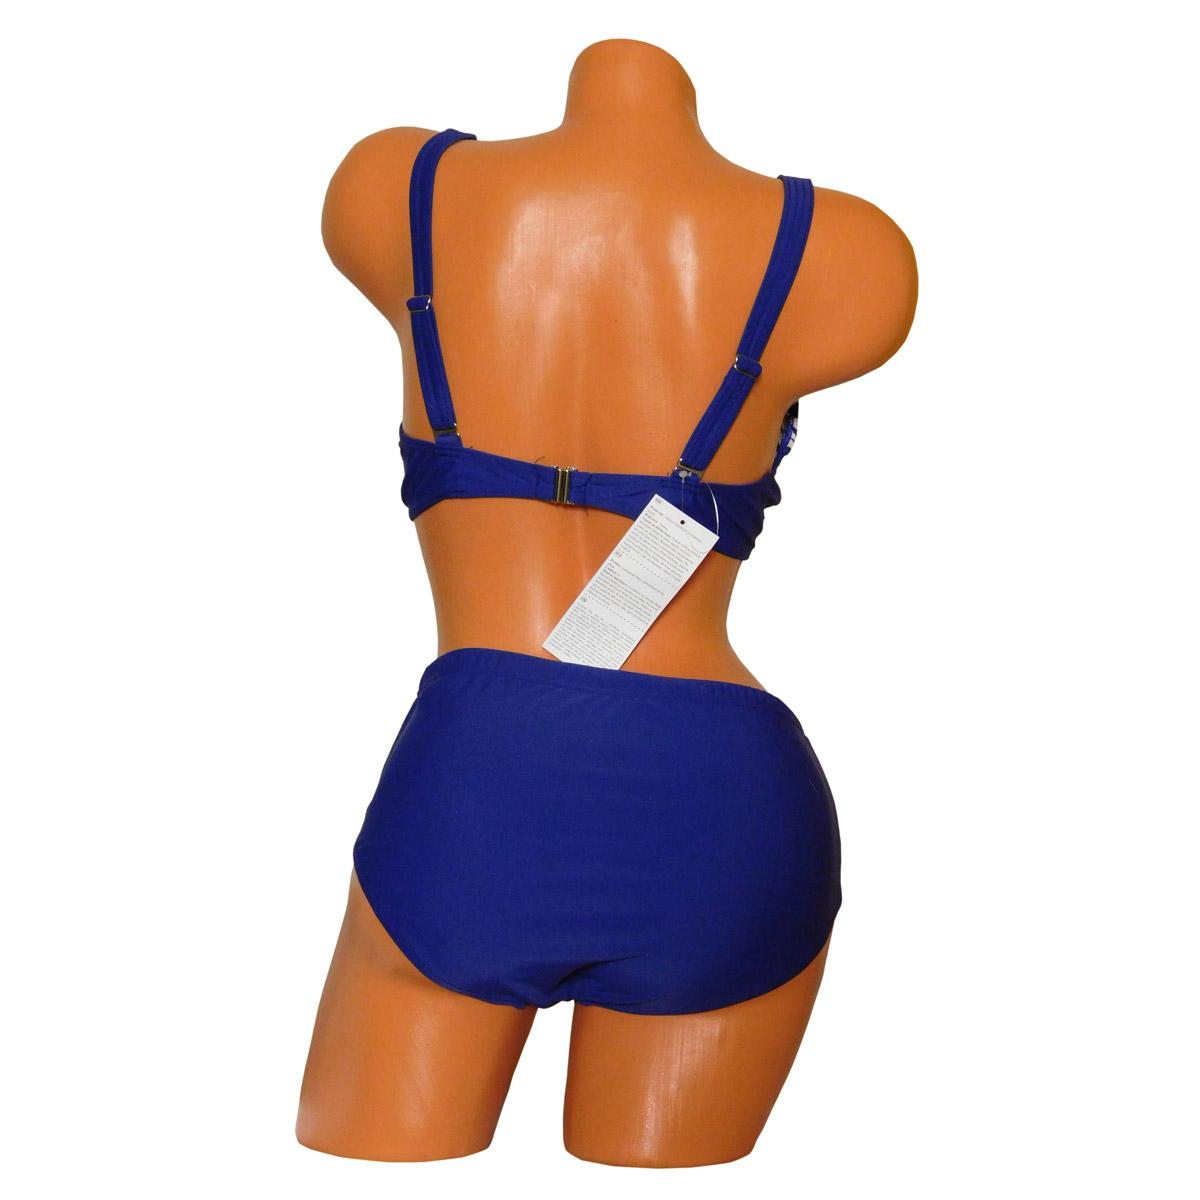 Kék fehér mintás nagyméretű bikini, merevítő nélkül